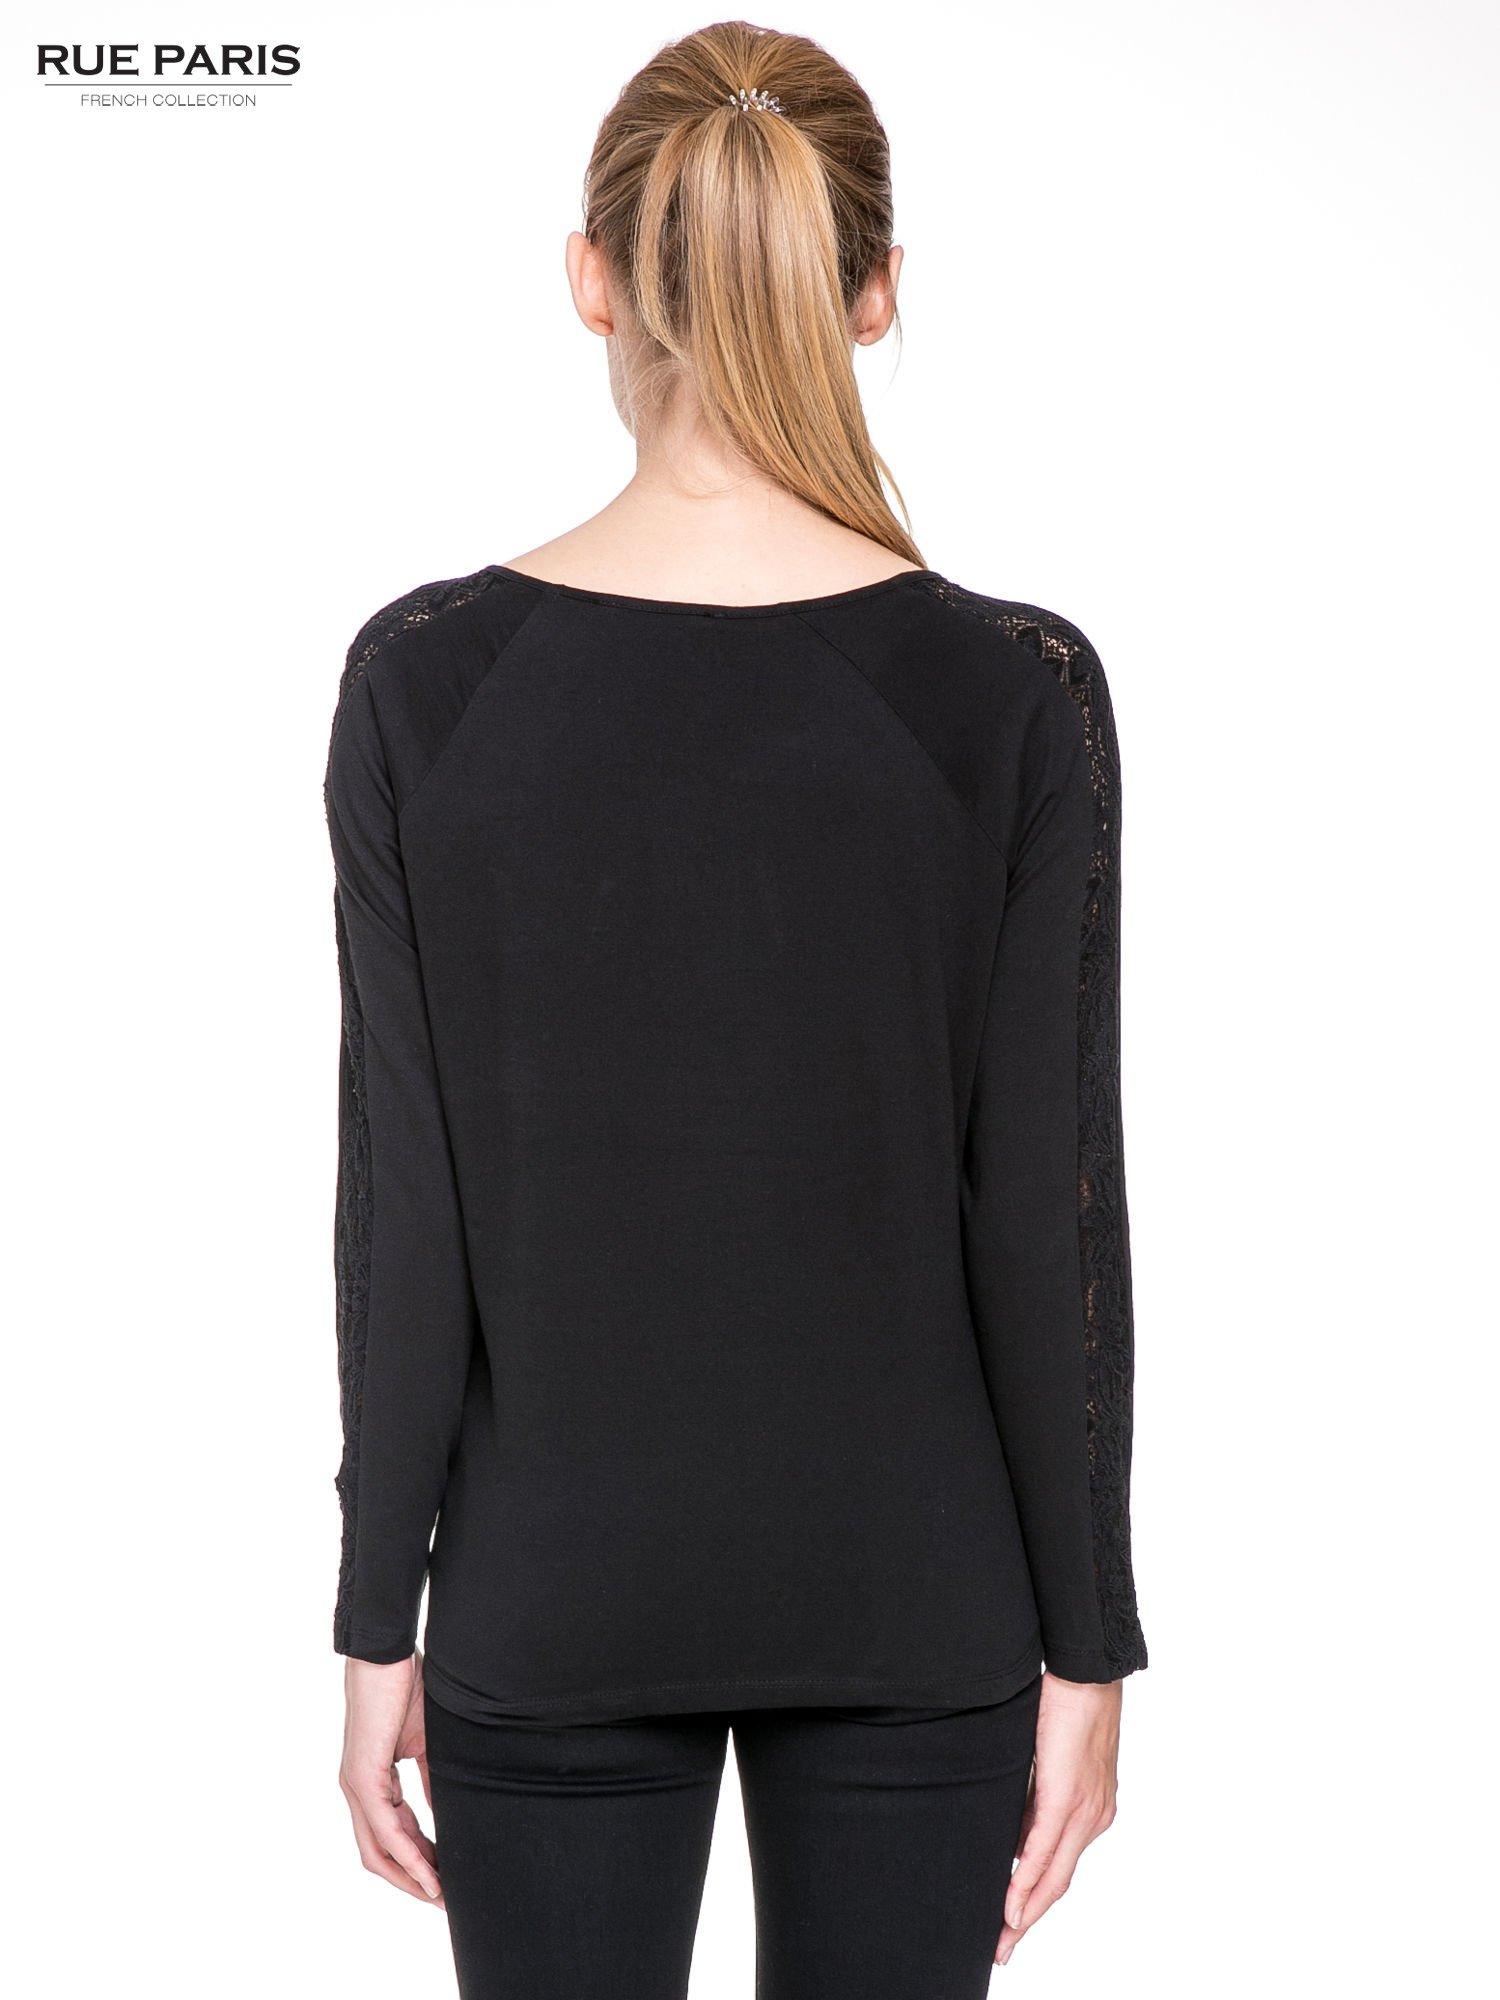 Czarna bluzka z koronkową wstawką wzdłuż rękawów                                  zdj.                                  4